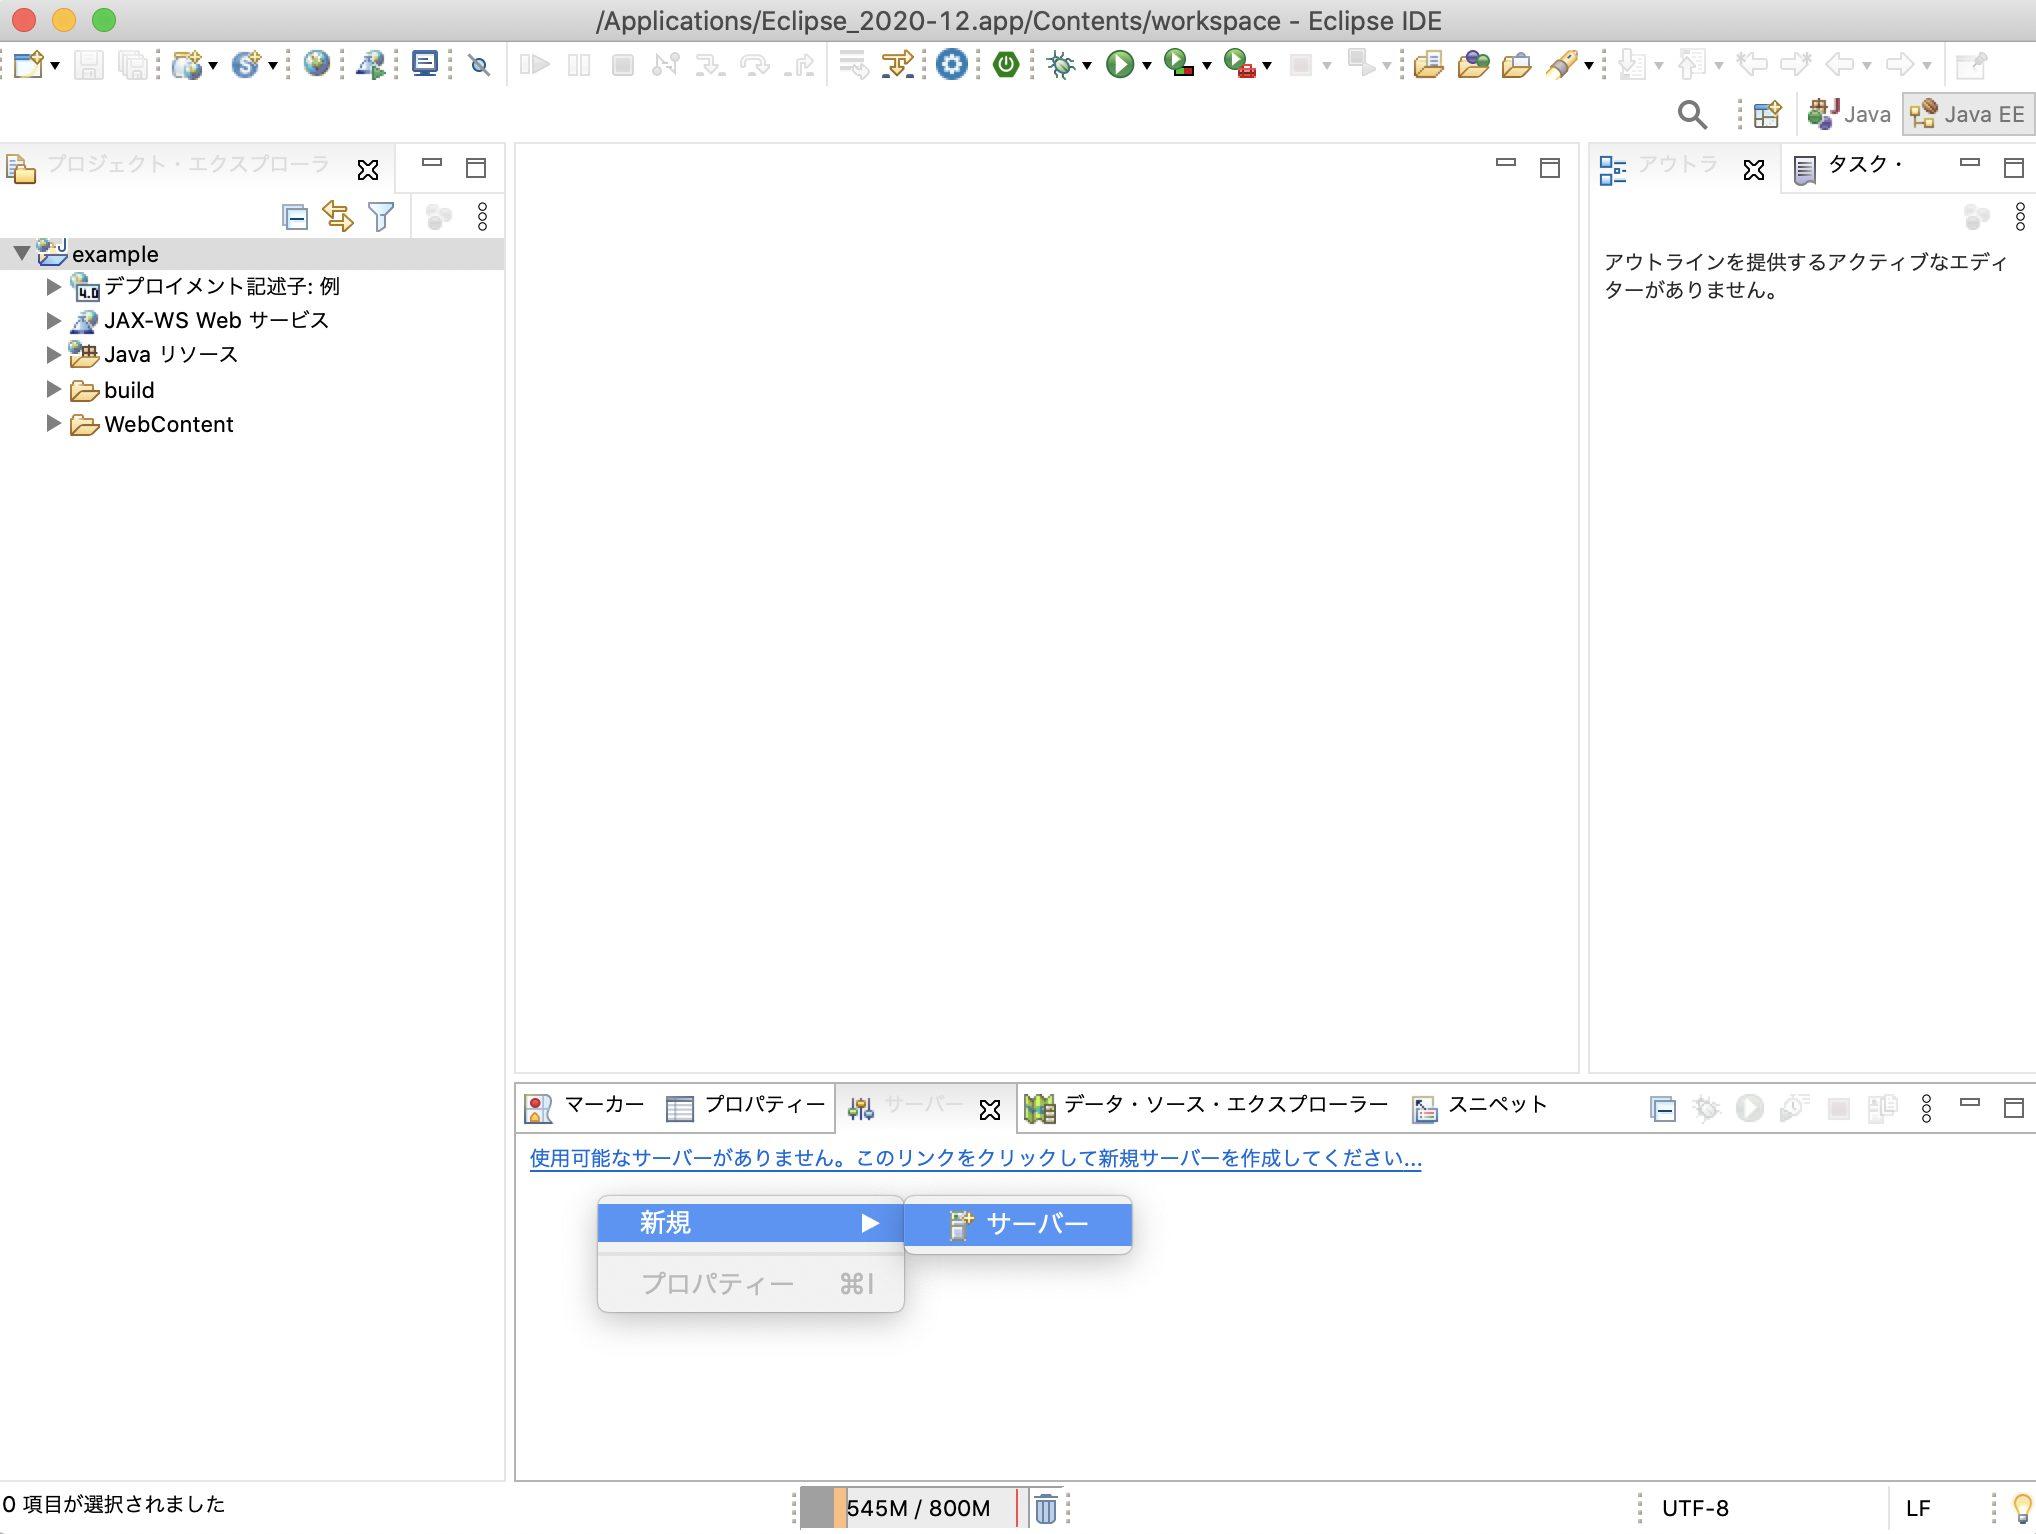 動的Webプロジェクトをサーバーへ追加